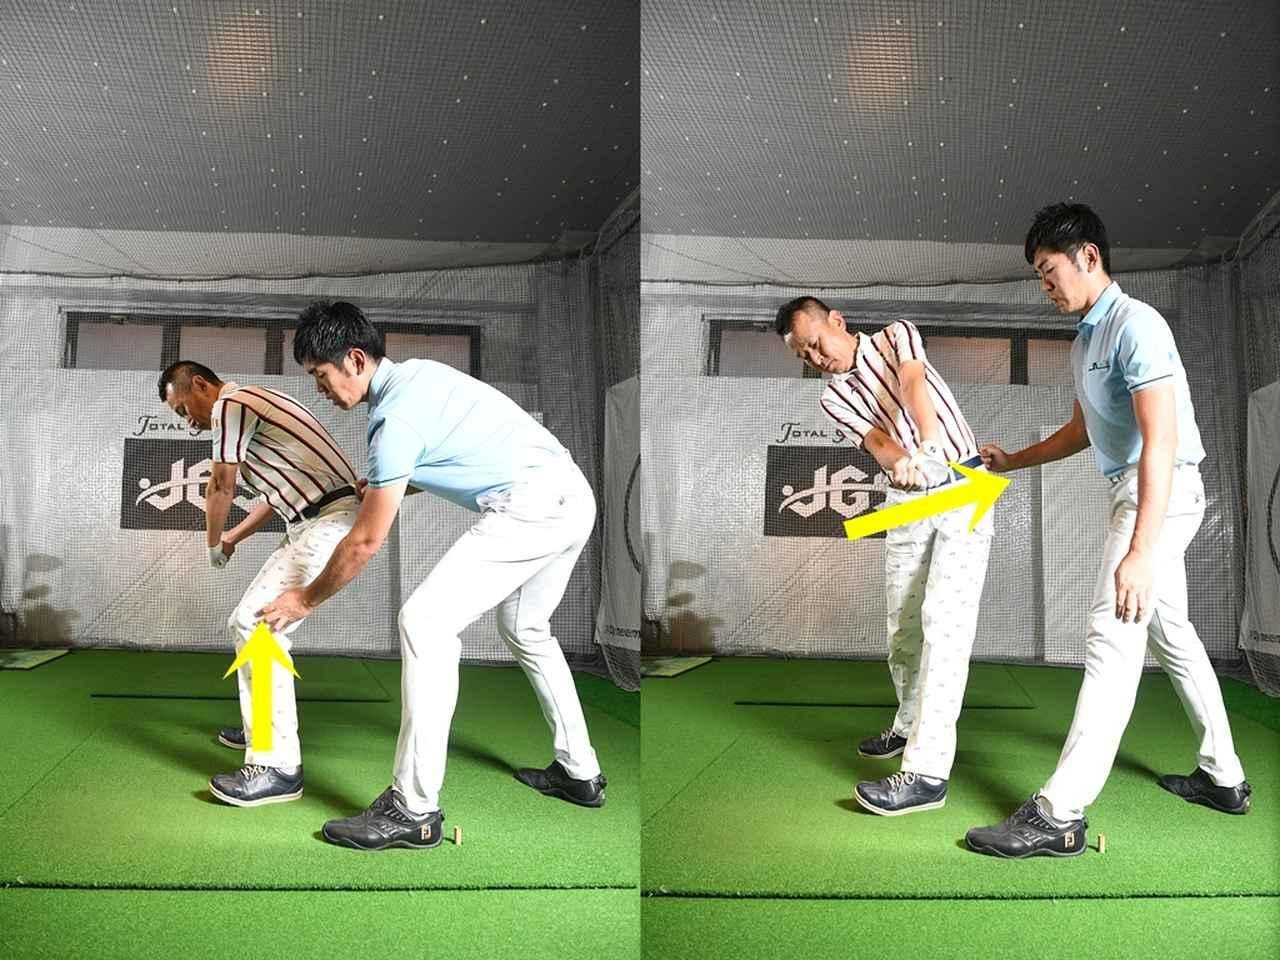 画像: 踏み込んだ反動で左ひざが伸びるように動き出すと、回転が速くなる